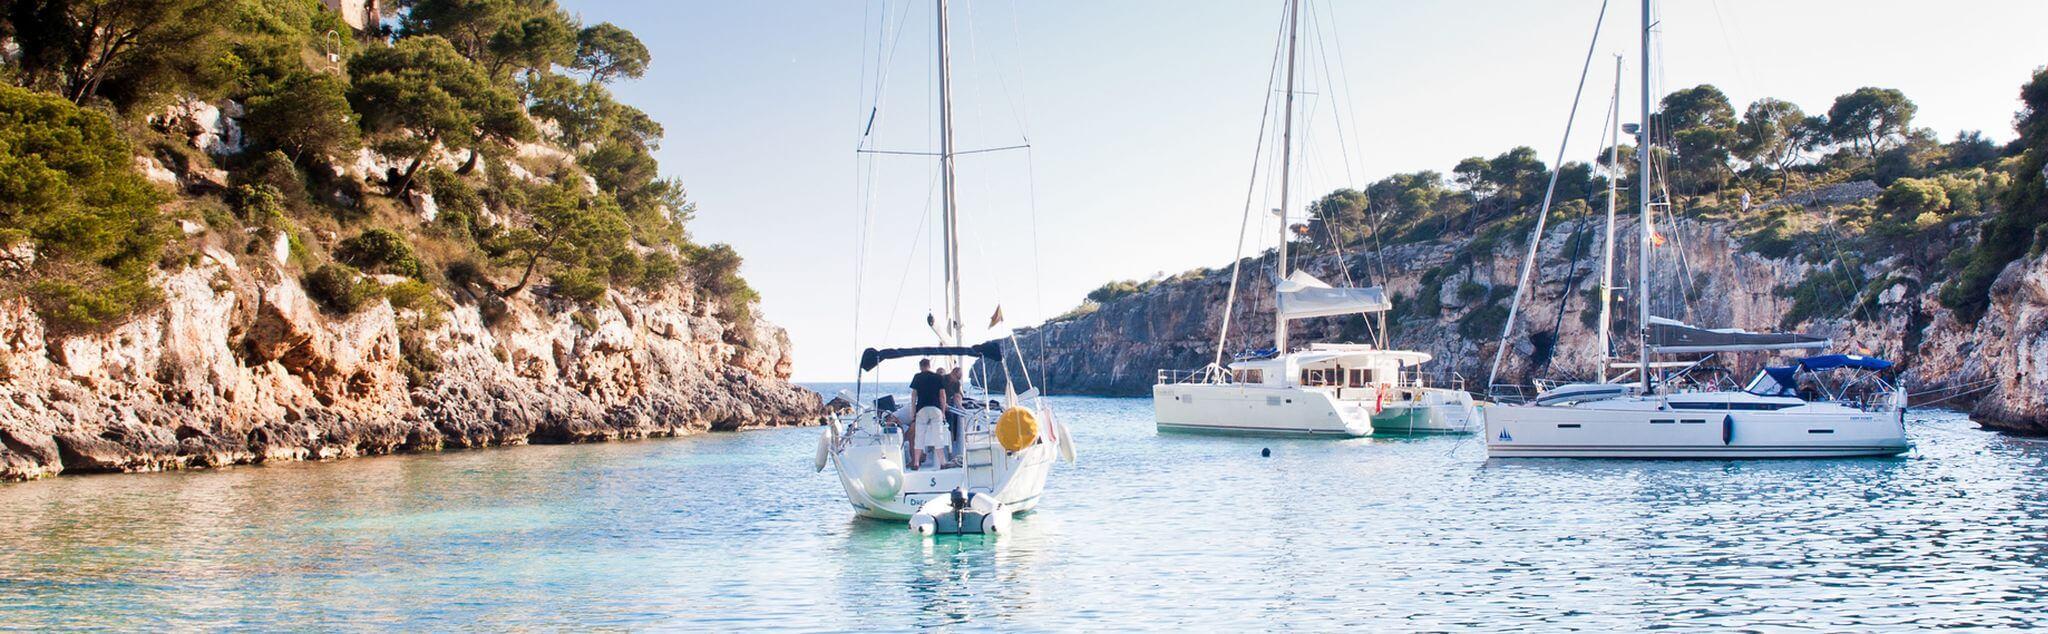 Noleggio Barche a Paratico